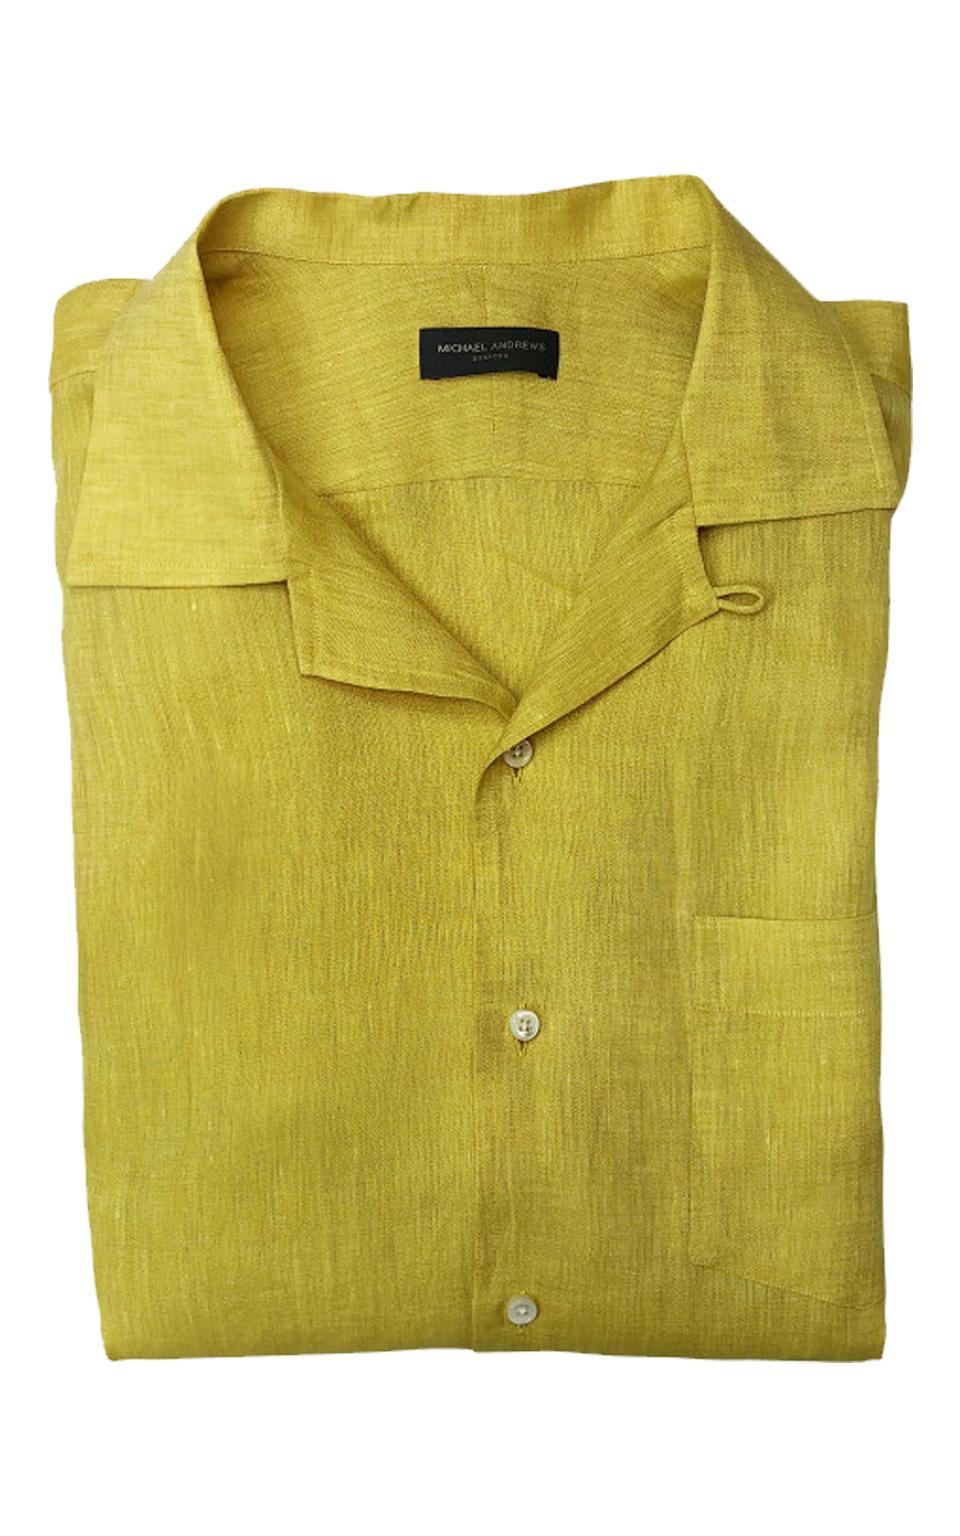 Mustard Yellow Linen Long Sleeve Camp Shirt